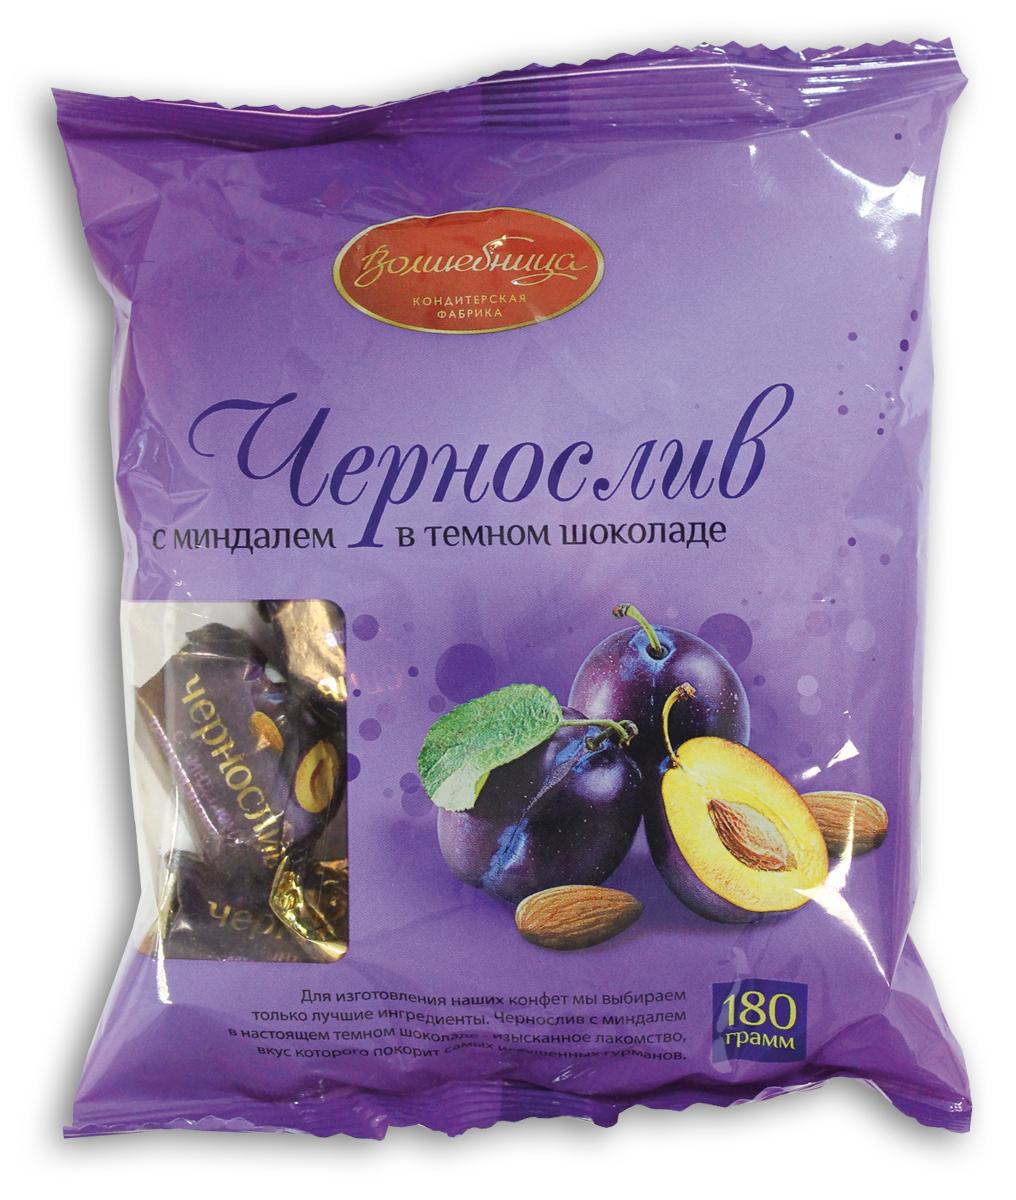 Волшебница конфеты чернослив с миндалем в шоколаде, 180 г конфеты волшебница имбирь в шоколаде 120 г